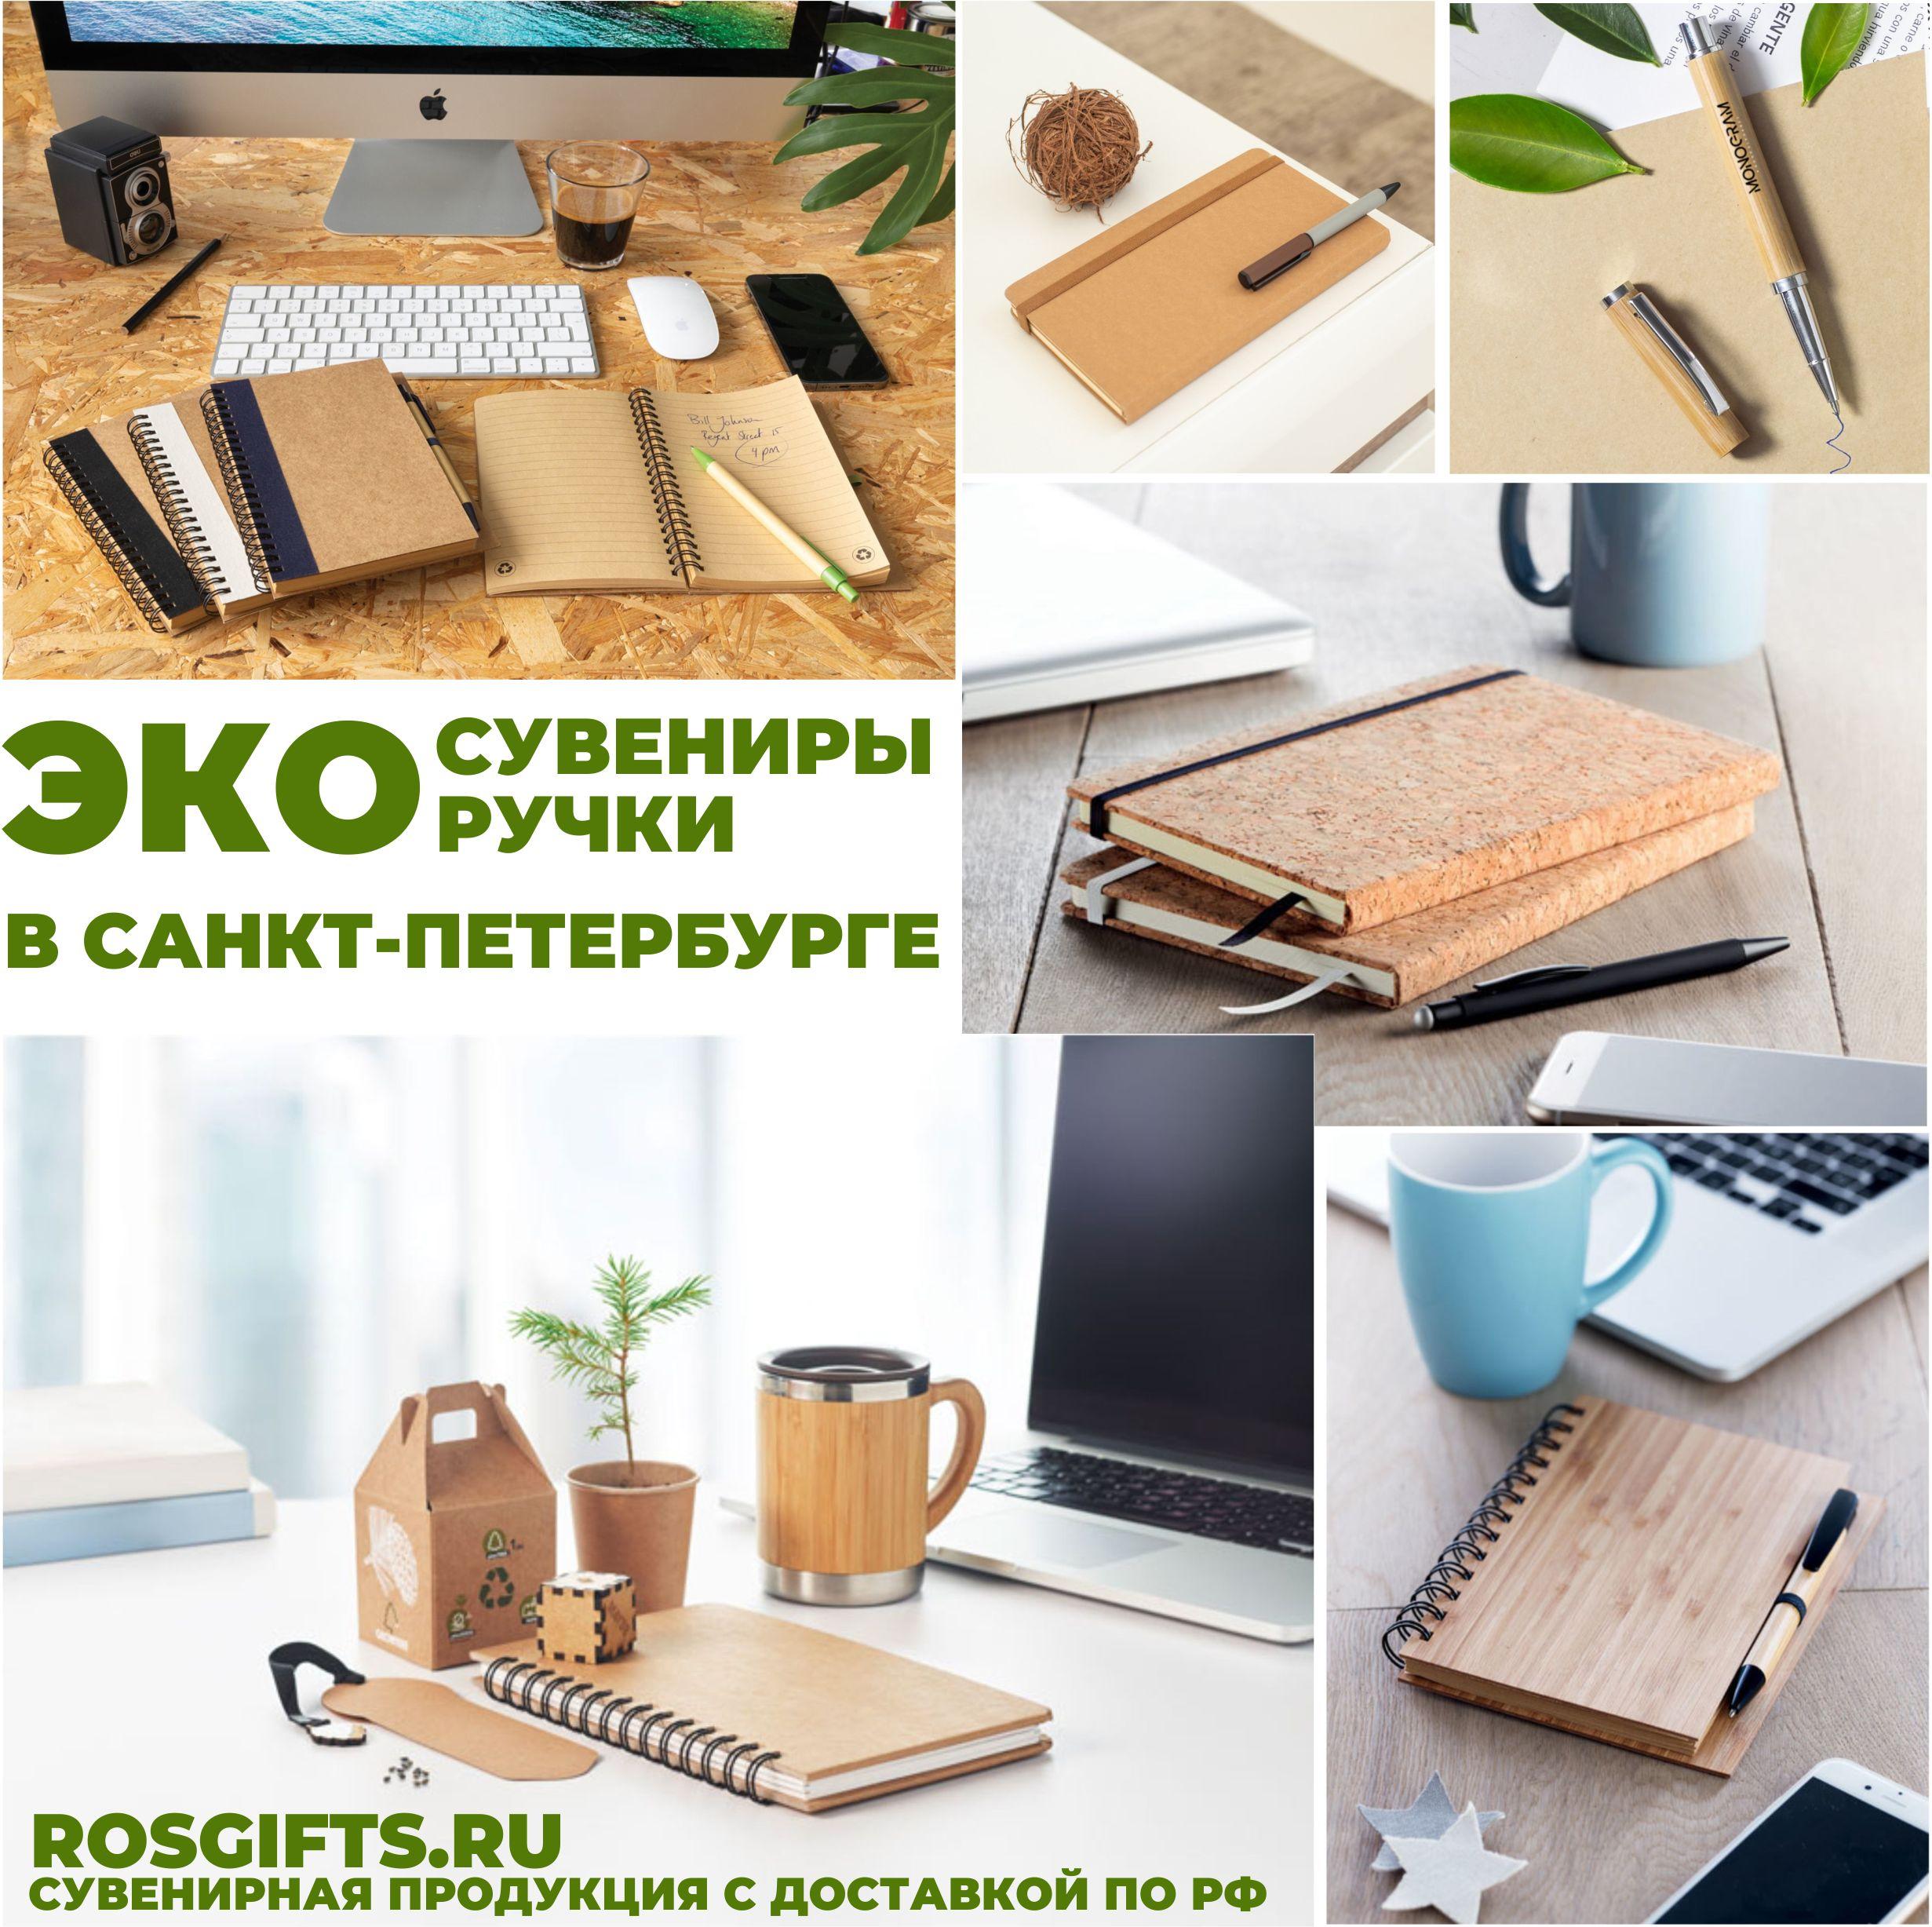 эко ручки в Санкт-Петербурге